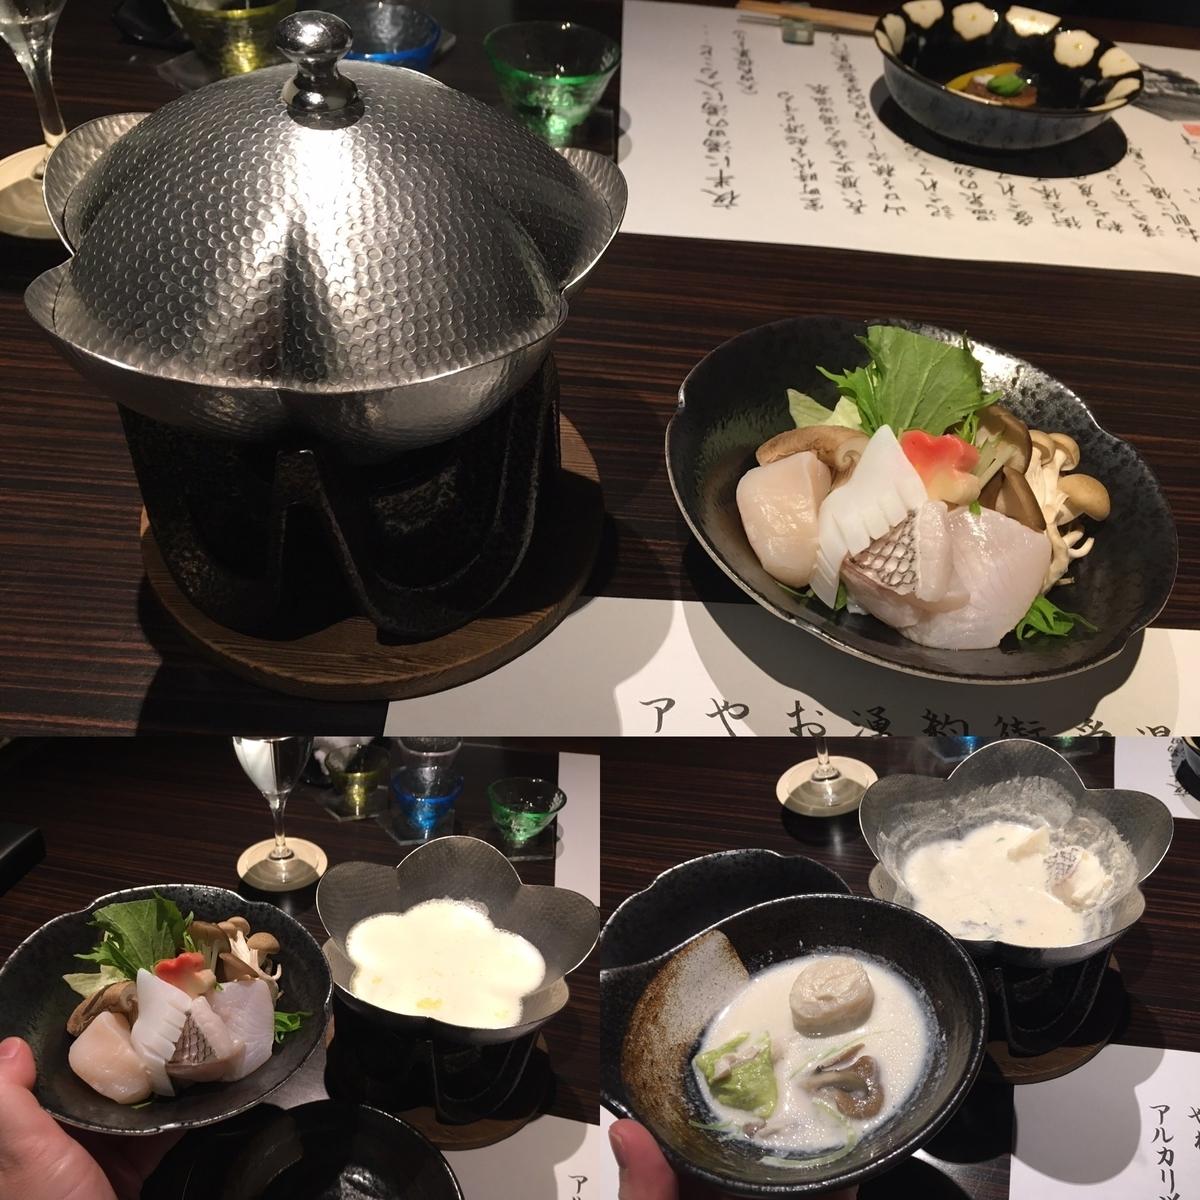 やまぐち湯田温泉古稀庵 夕食の海鮮豆乳鍋